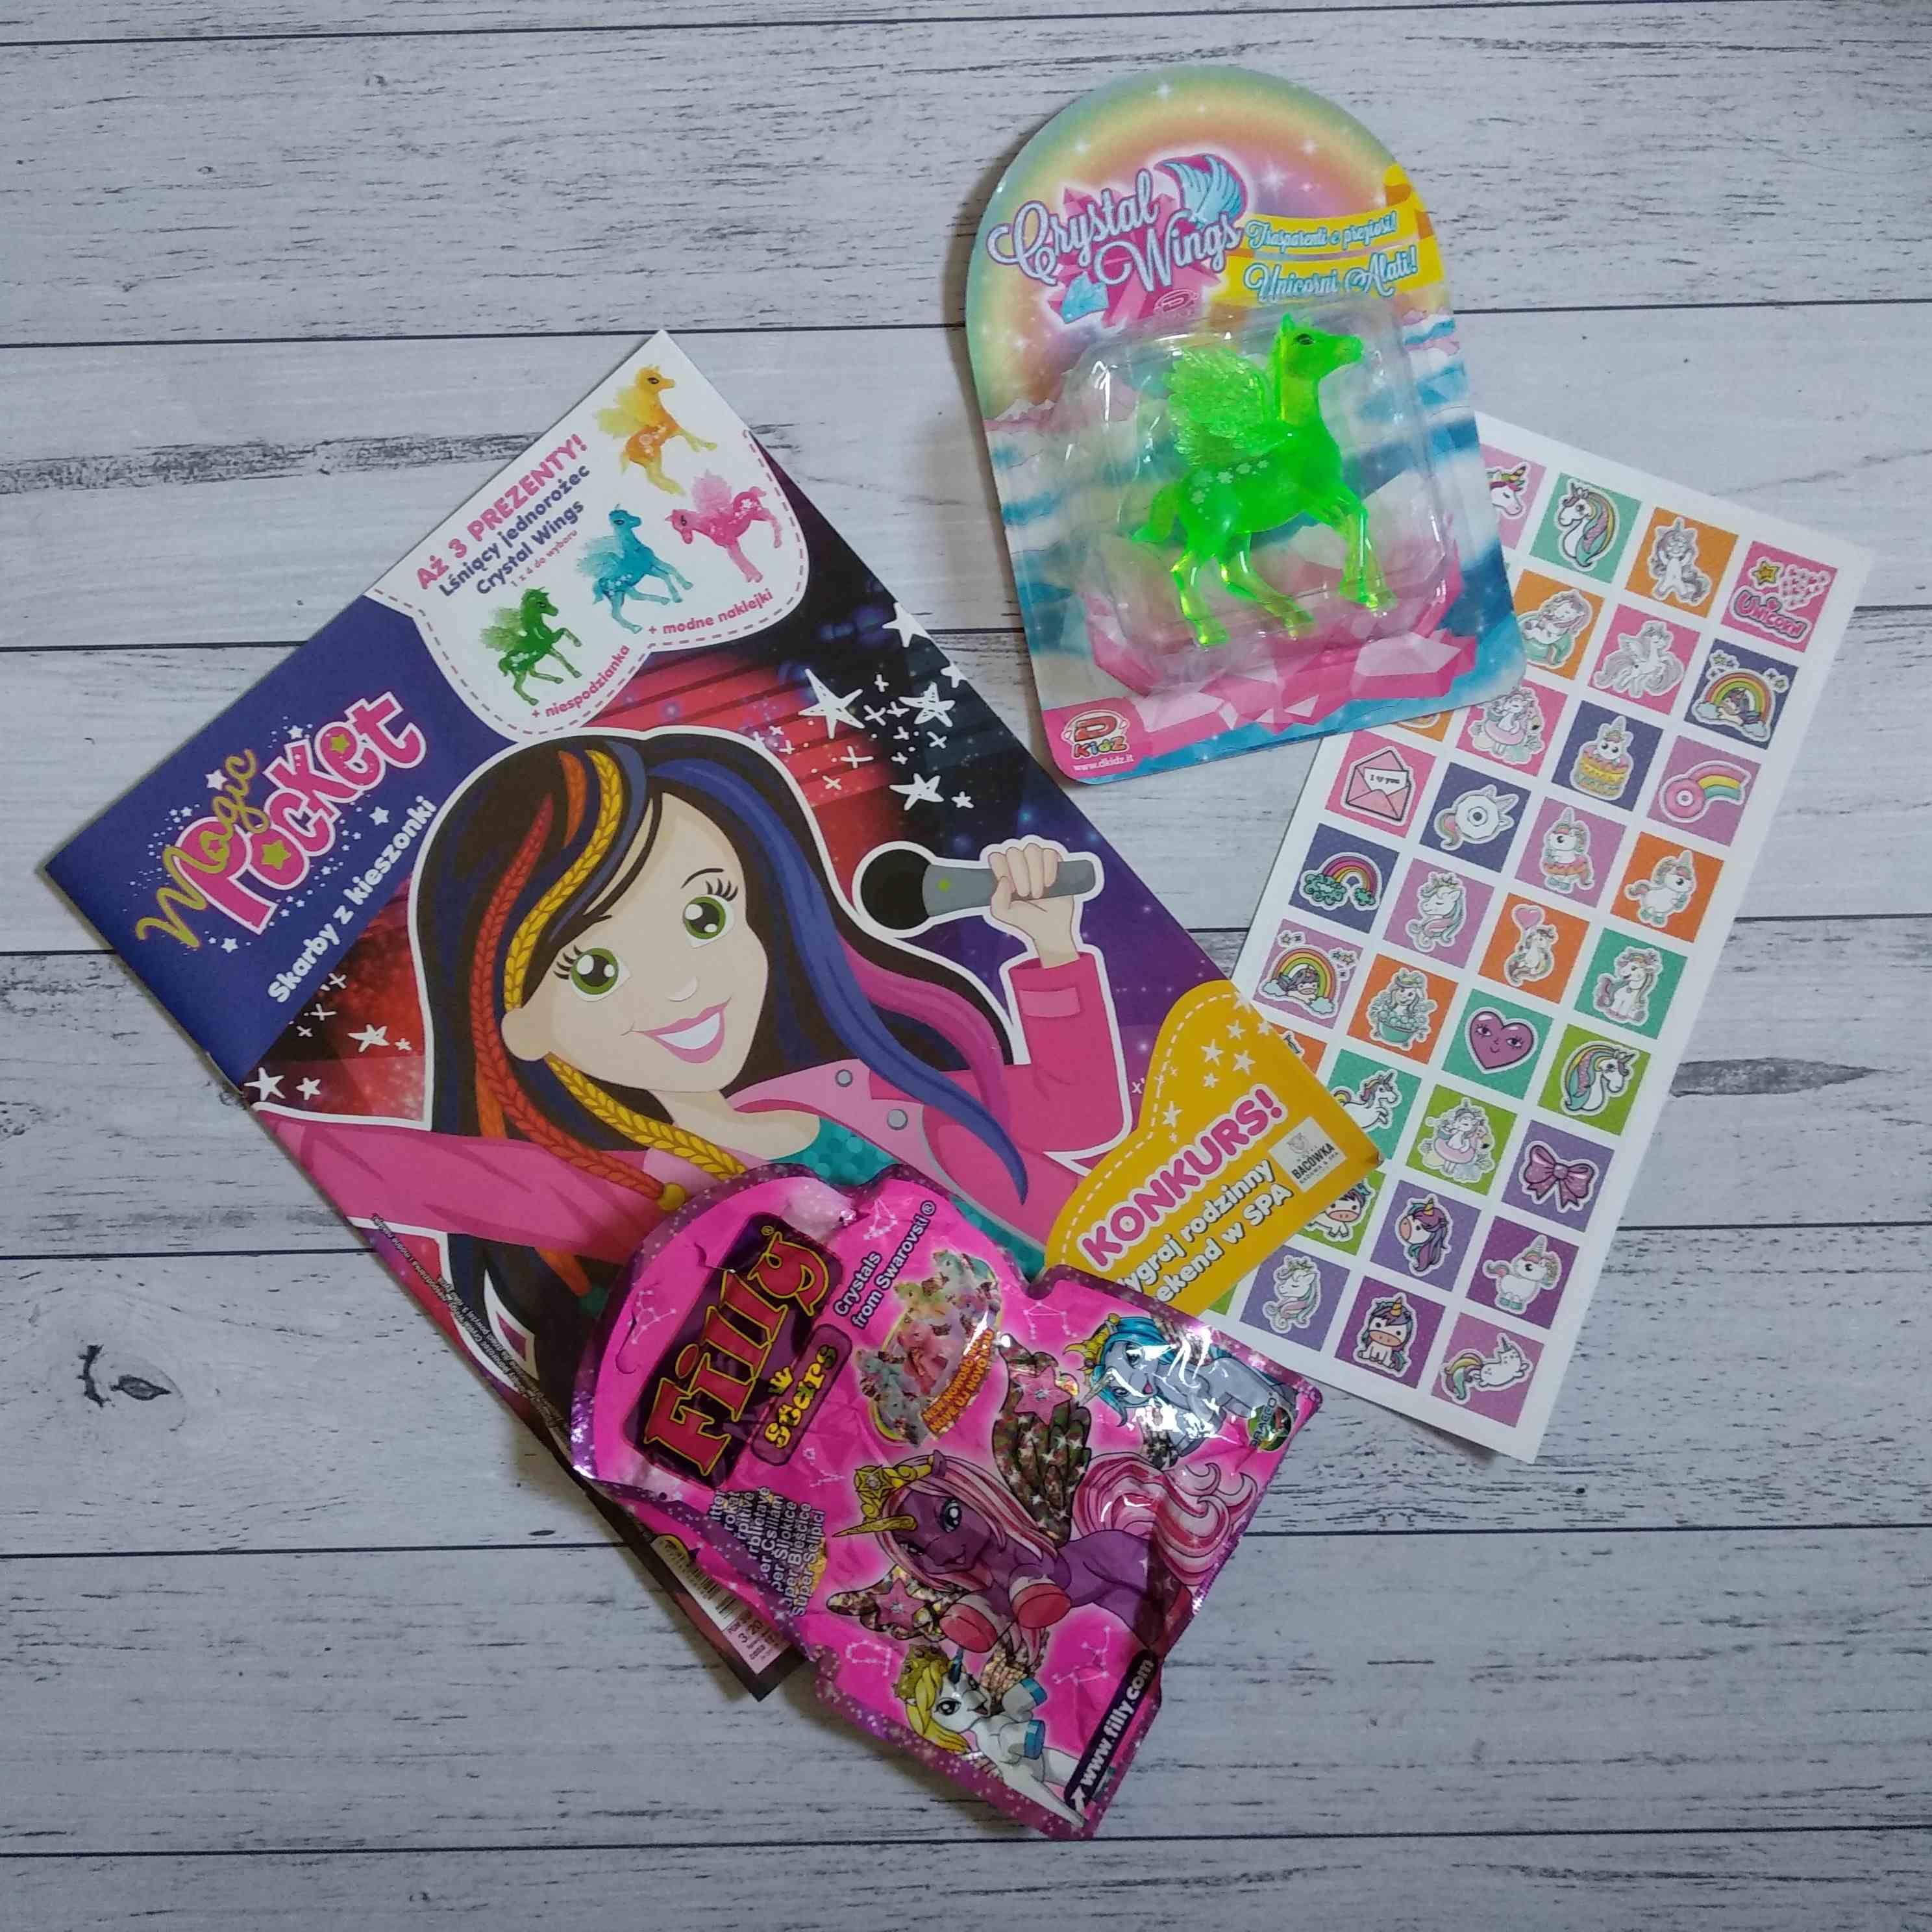 IMG 20190801 144606 - Magazyny dla dzieci - Media Service Zawada